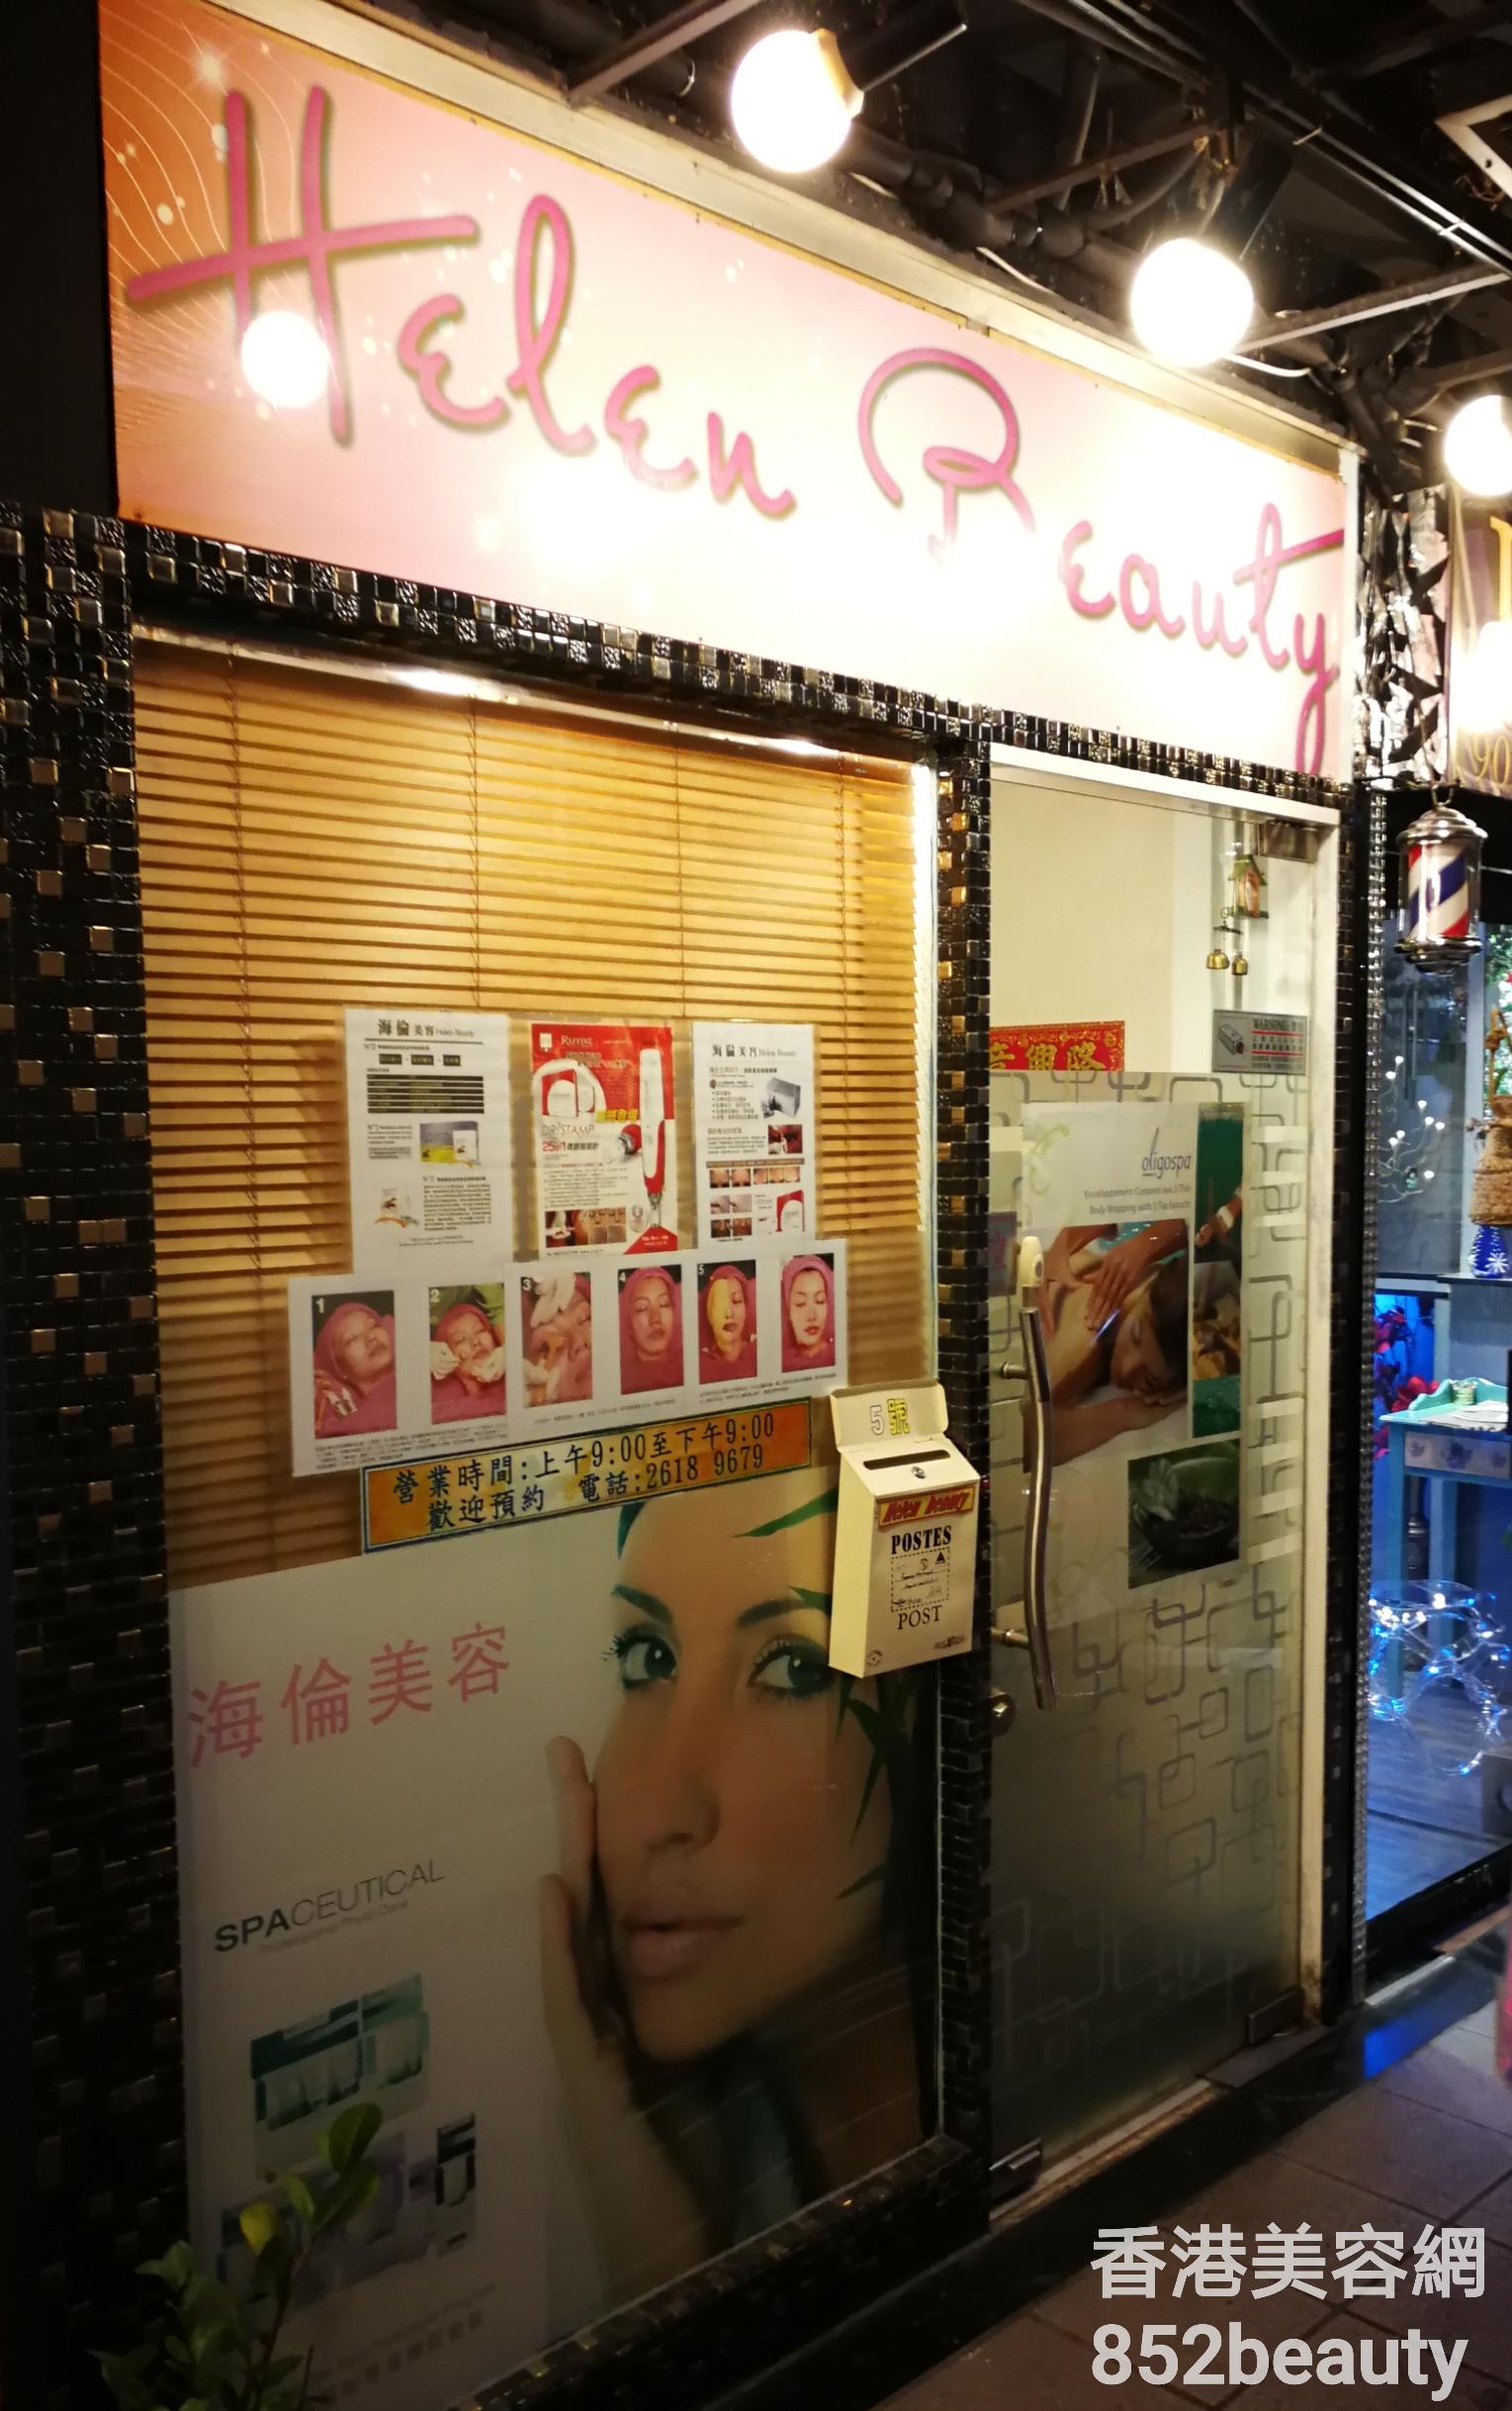 香港美容院 美容師 : Helen Beauty 海淪美容 @青年創業軍